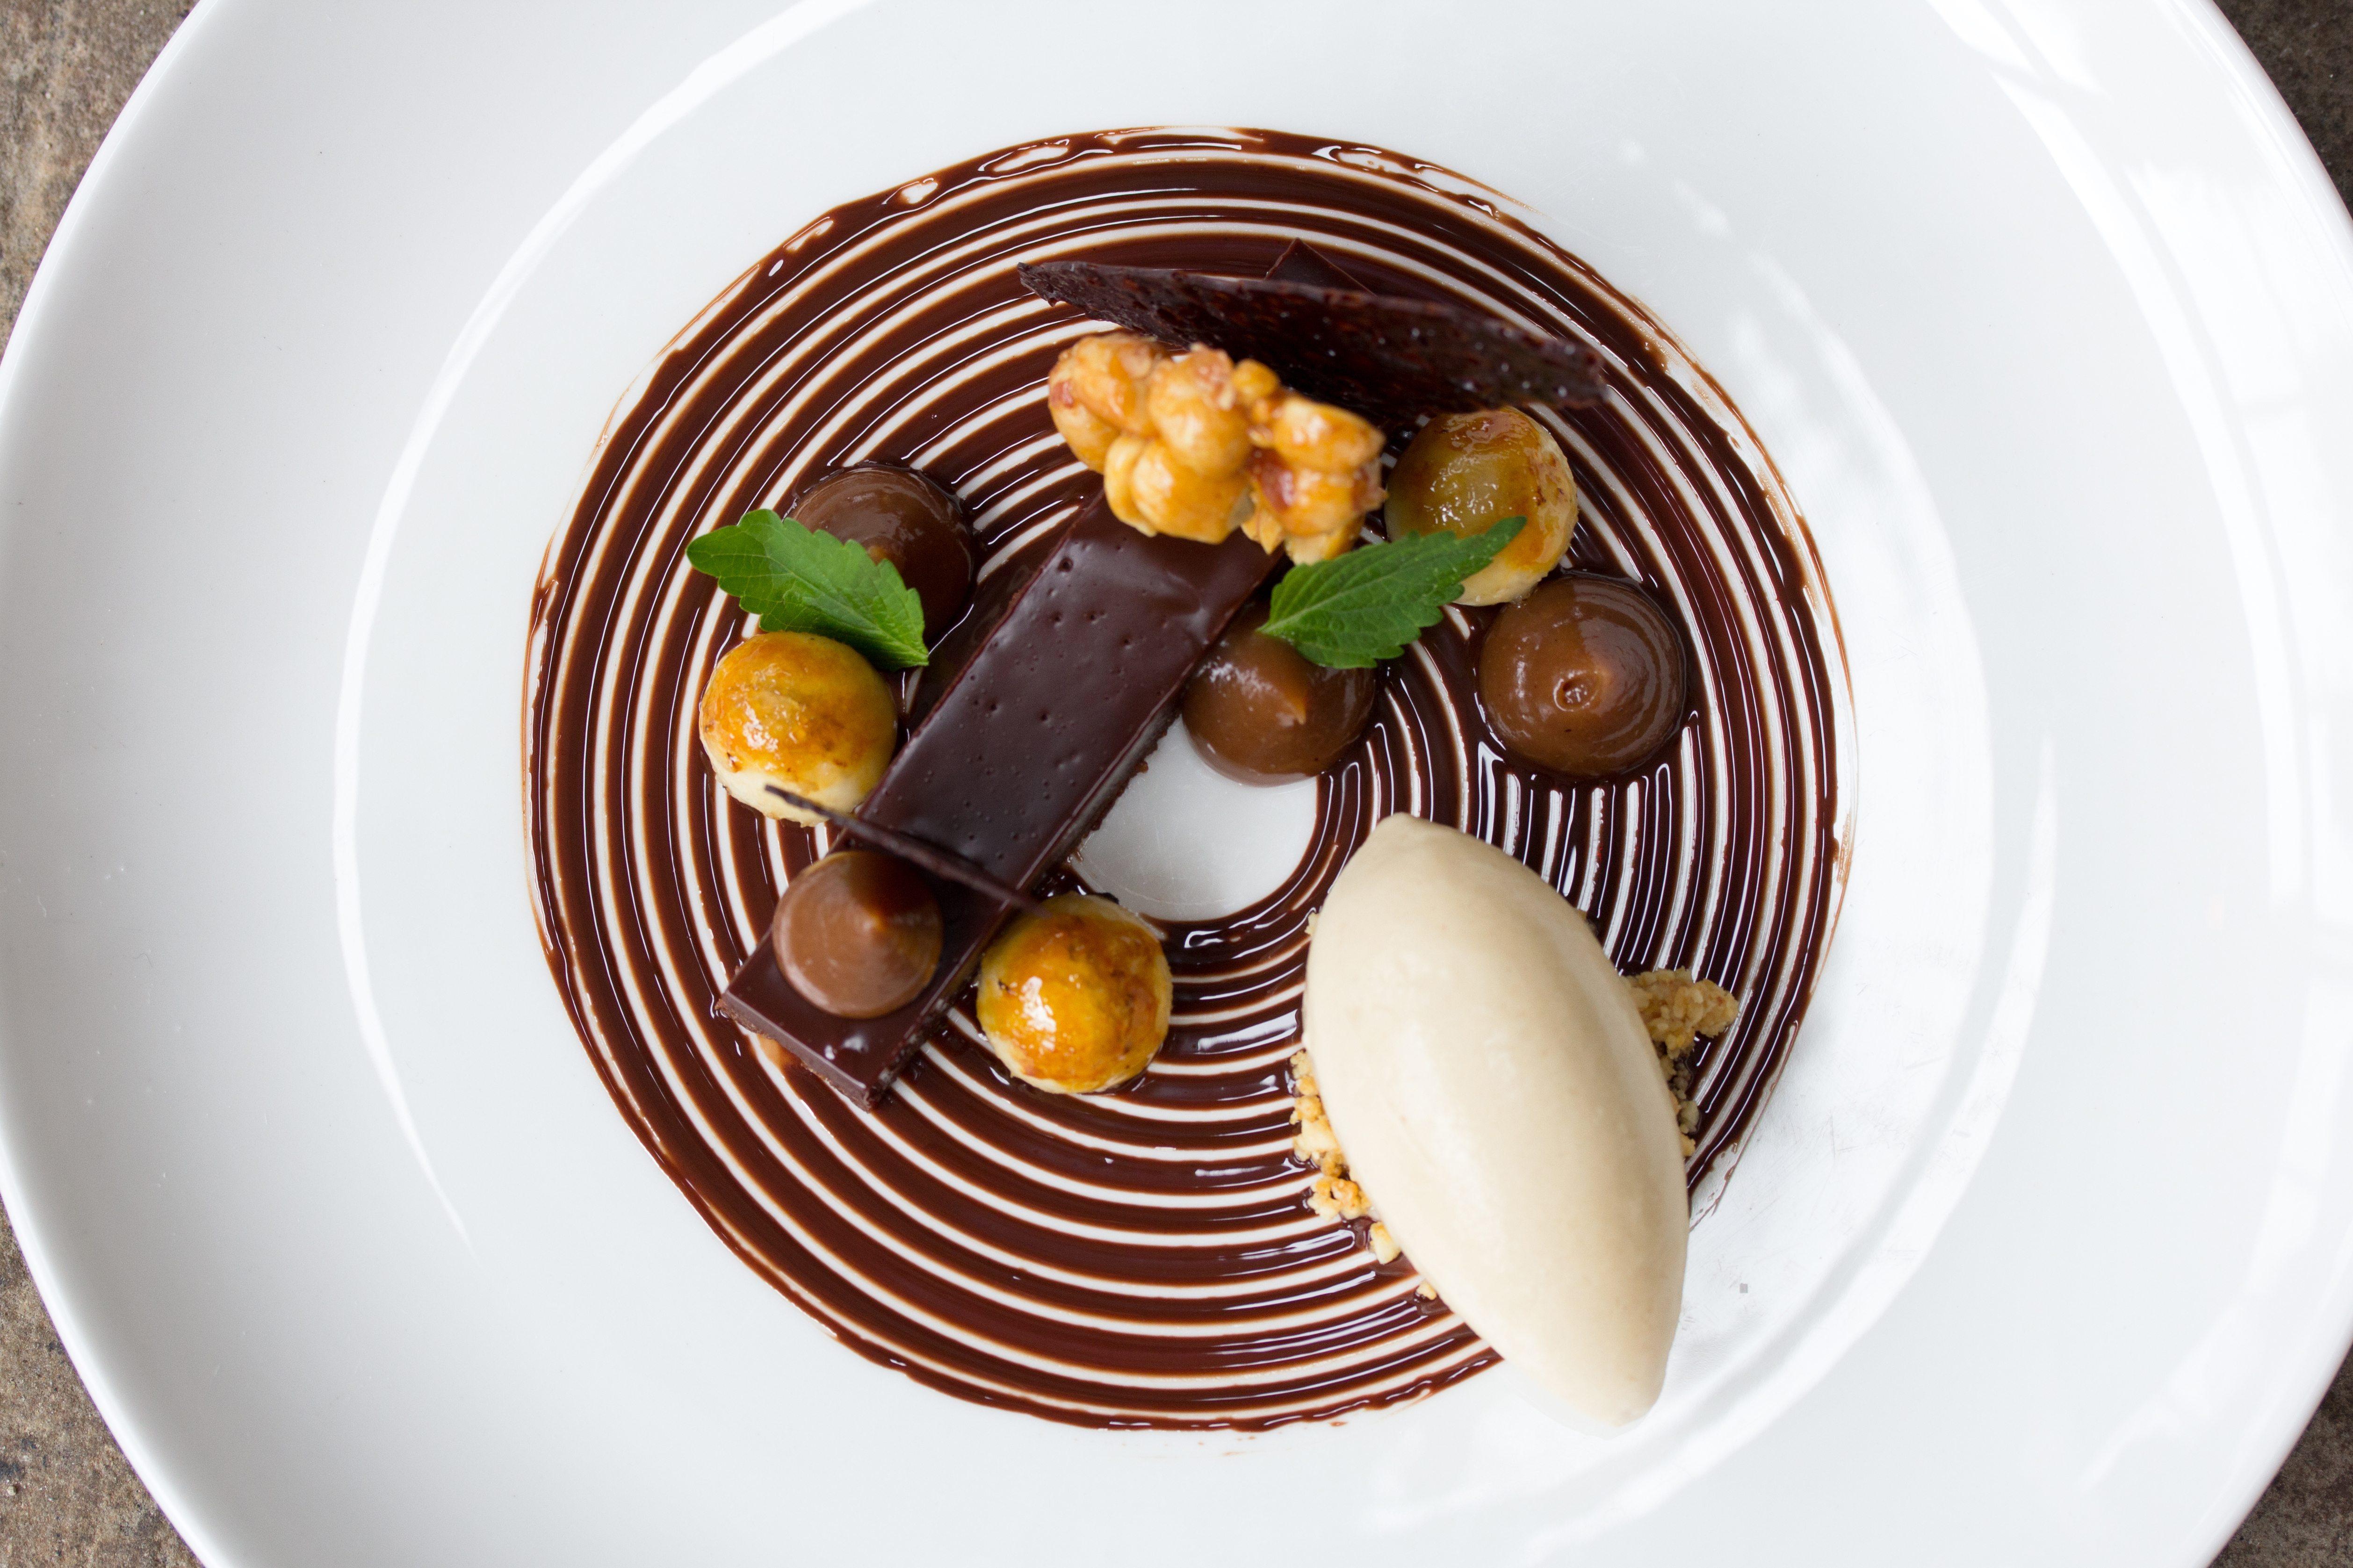 Auberge du Pommier dessert